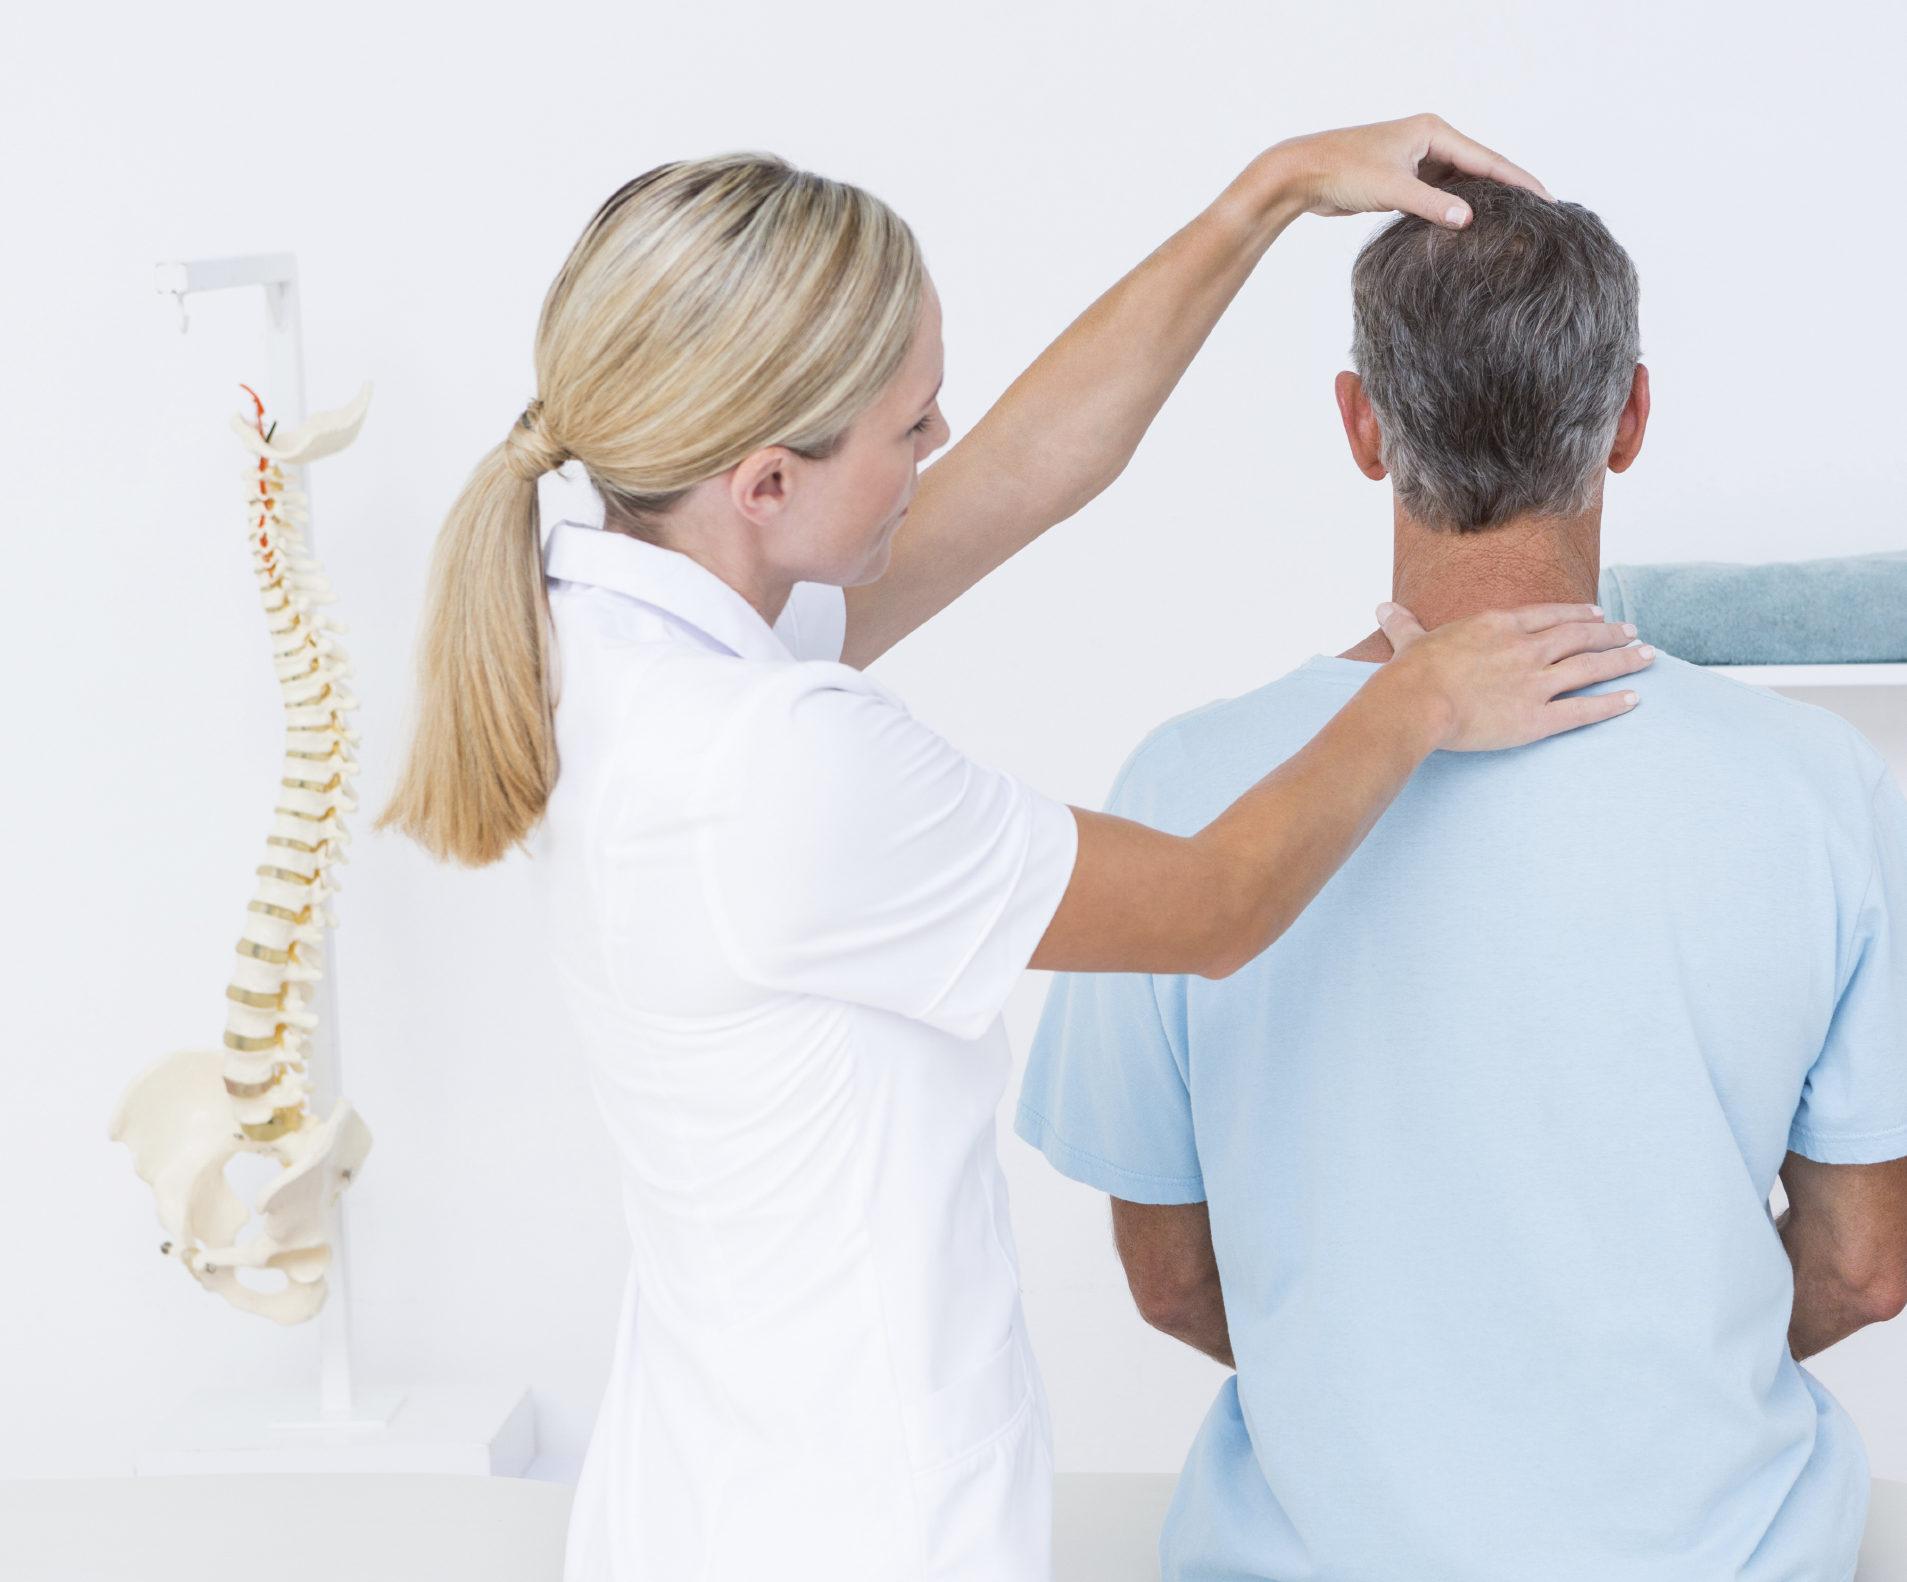 visite osteopatiche